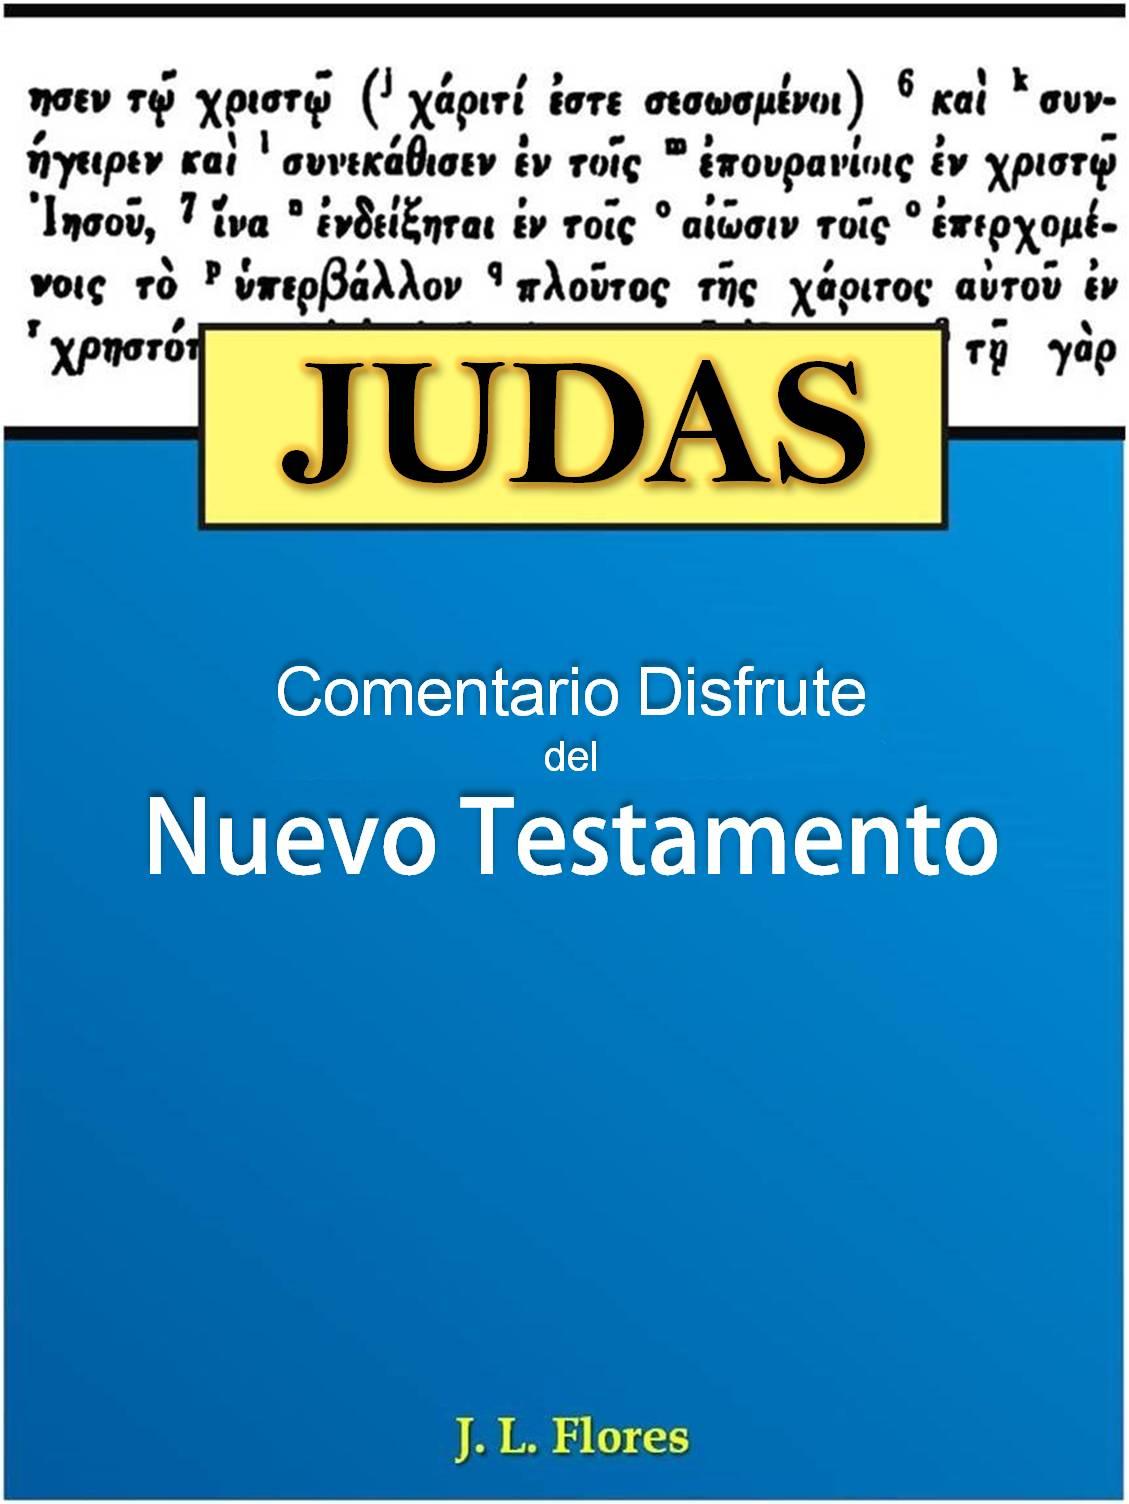 Comentario Bíblico Disfrute: Judas - Ministerio Disfrutando la Palabra